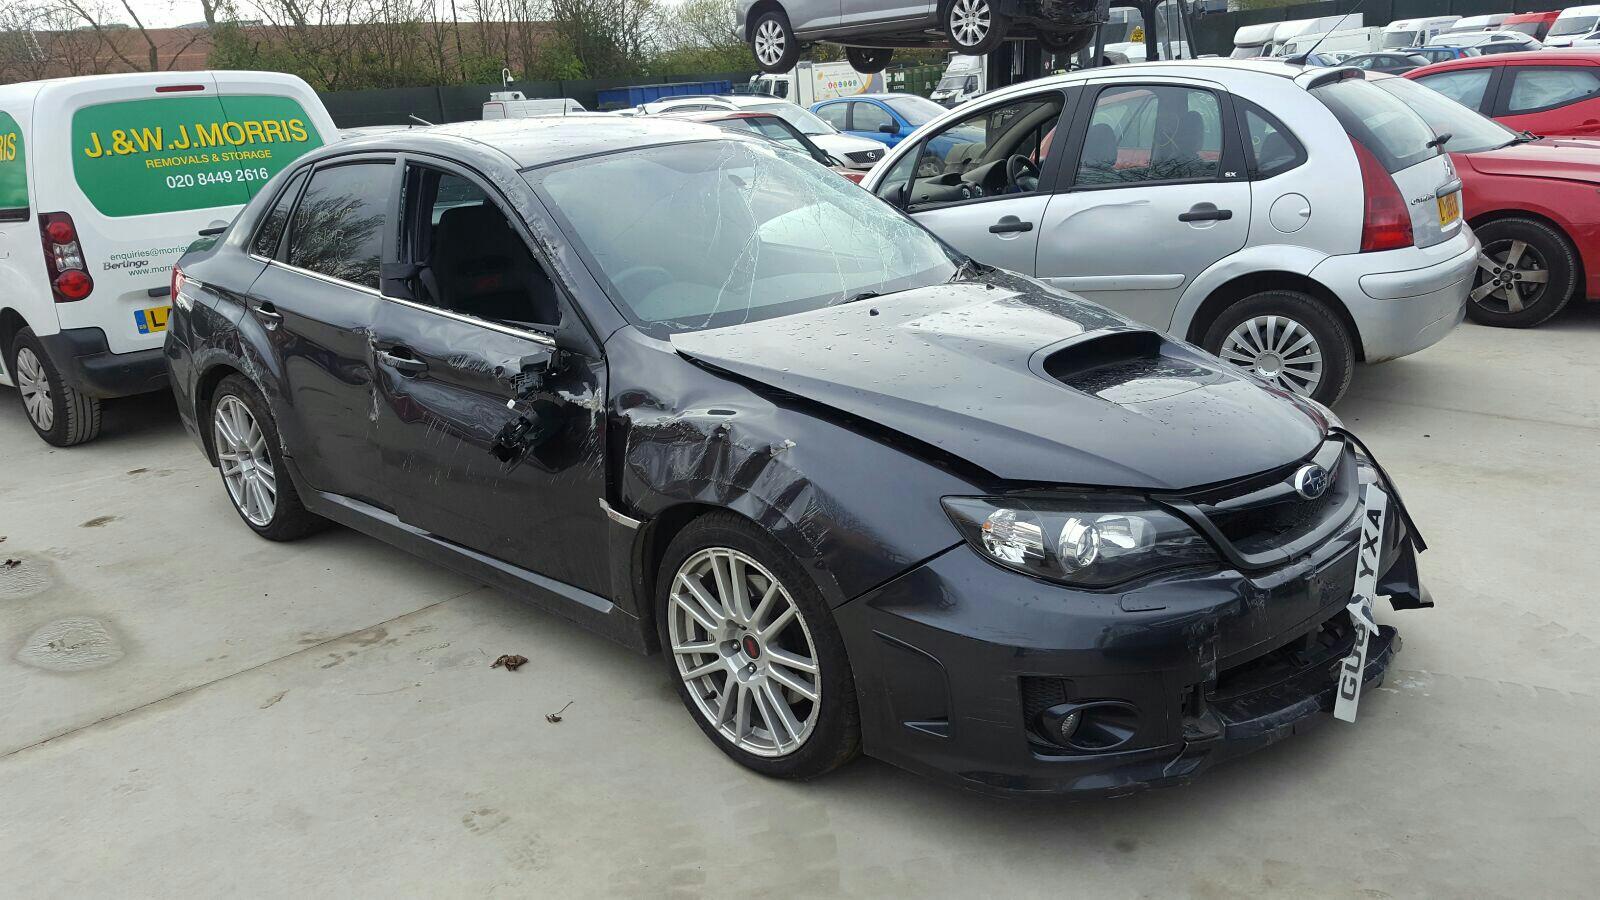 Image for a Subaru Impreza 2010 4 Door Saloon